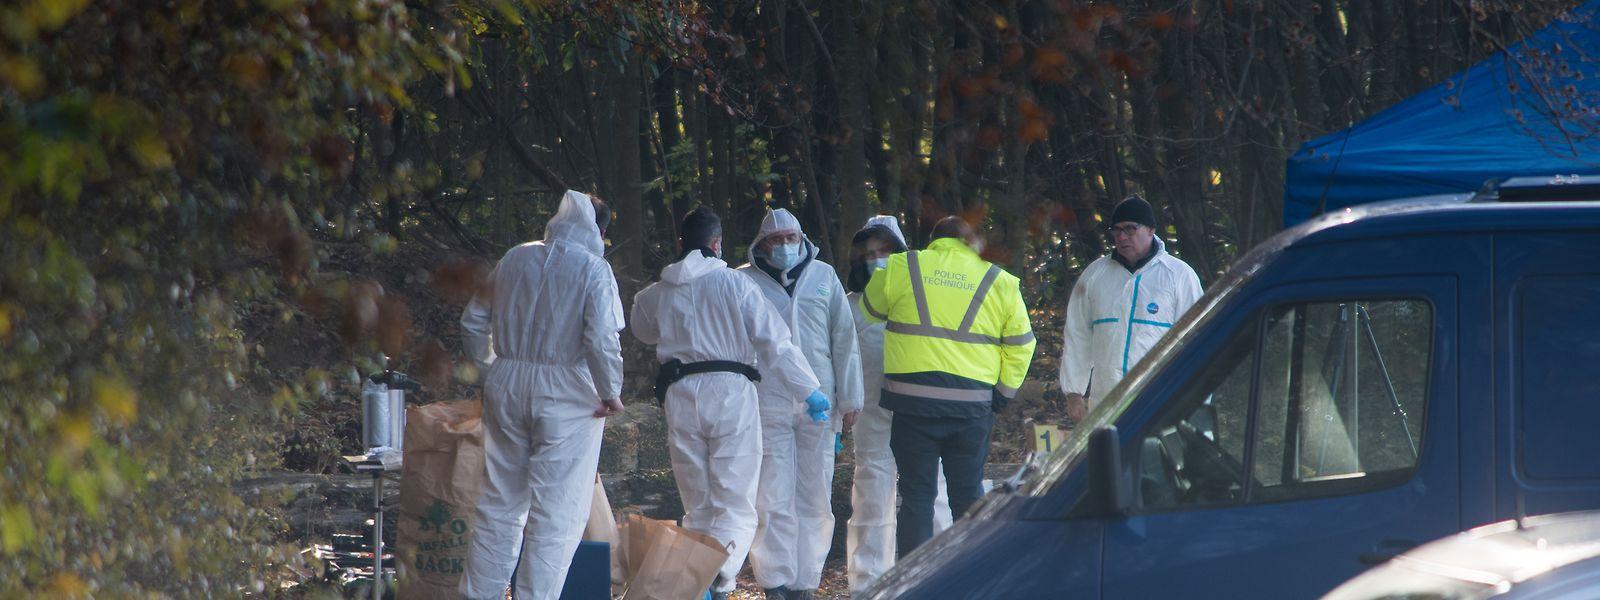 Fast drei Jahre sind vergangen, seit eine Leiche beim Fräiheetsbam in Strassen gefunden wurde. Nun soll es zu einem Prozess kommen.